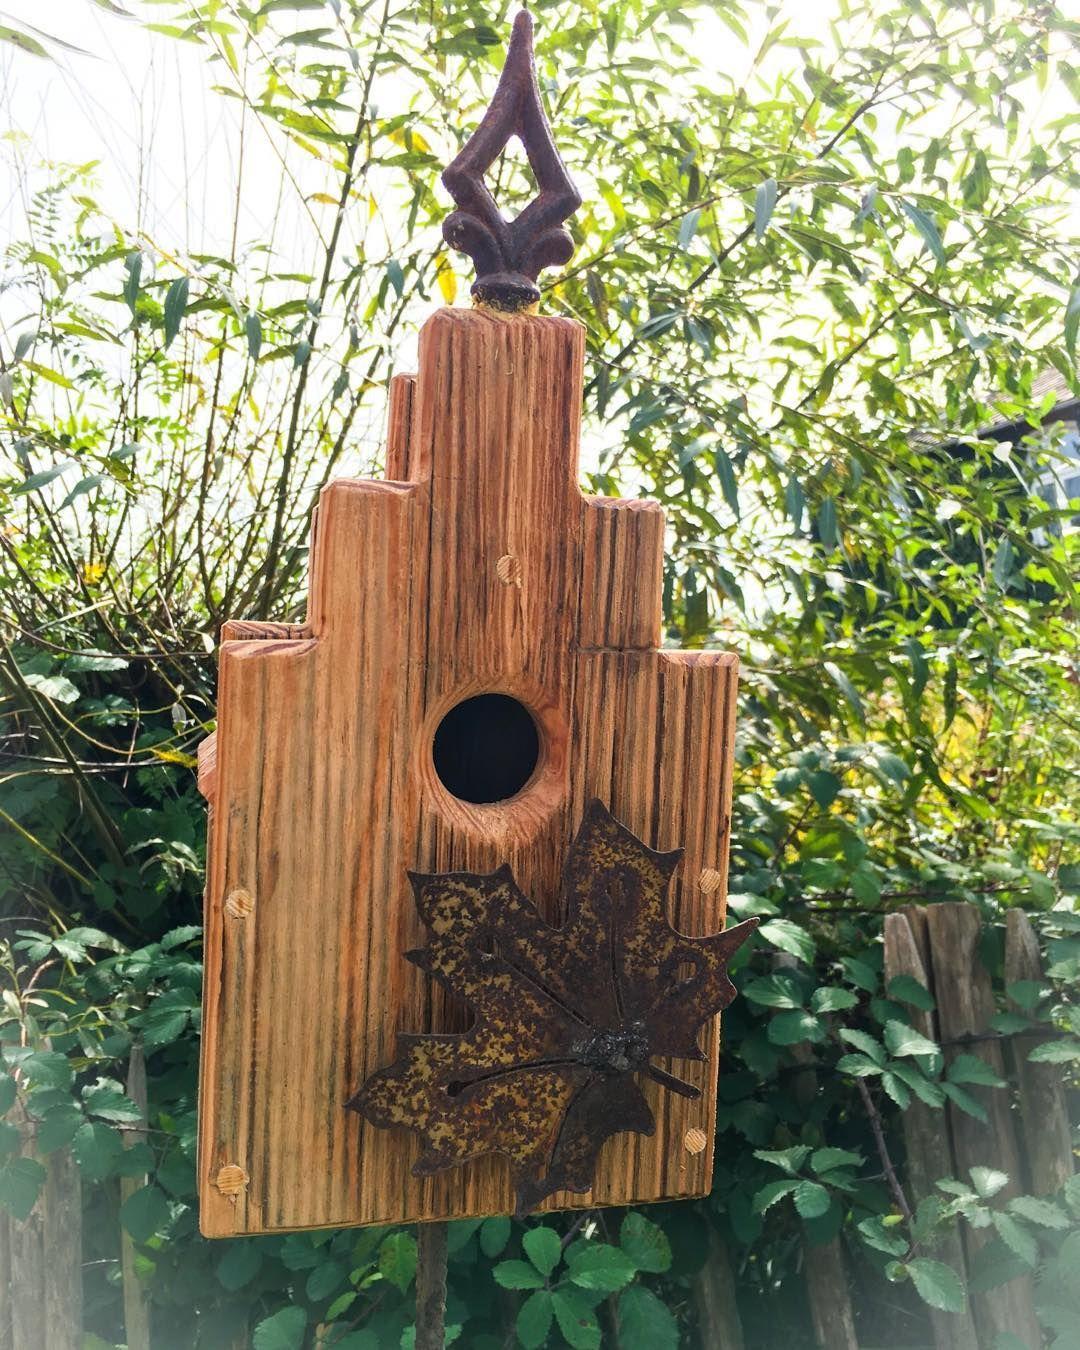 Ein Schmuckstuck Fur Unsere Waldenzaune Dieses Schmucke Vogelhaus Besteht Aus Aufbereitetem Alten Baumaterial Und Besticht Durch Die Hu Outdoor Decor Outdoor Home Decor